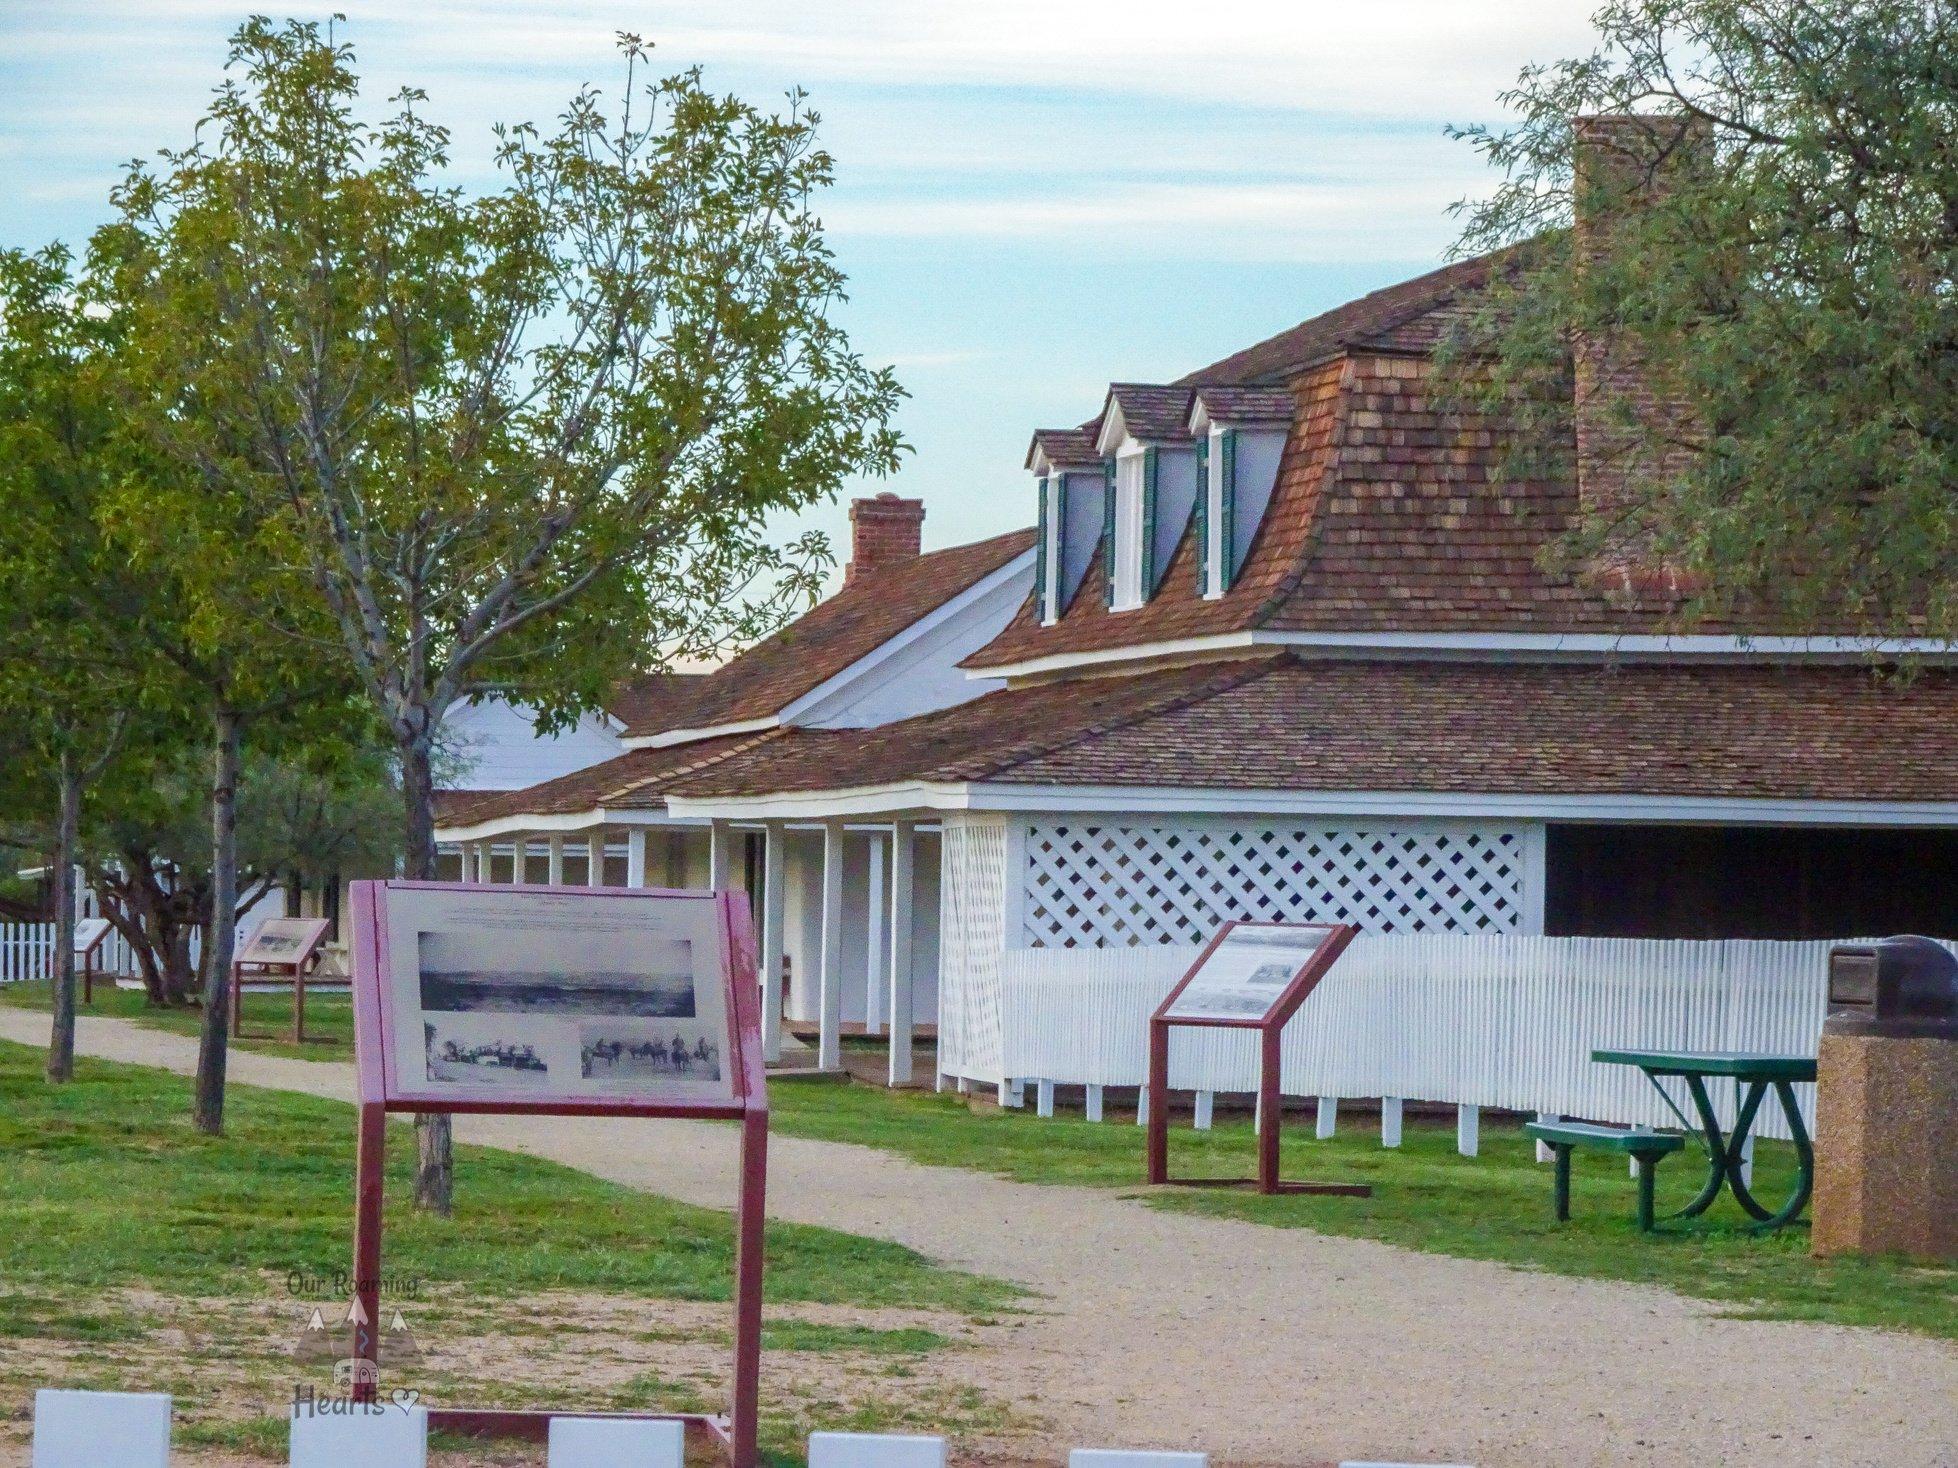 Fort Verde State Park